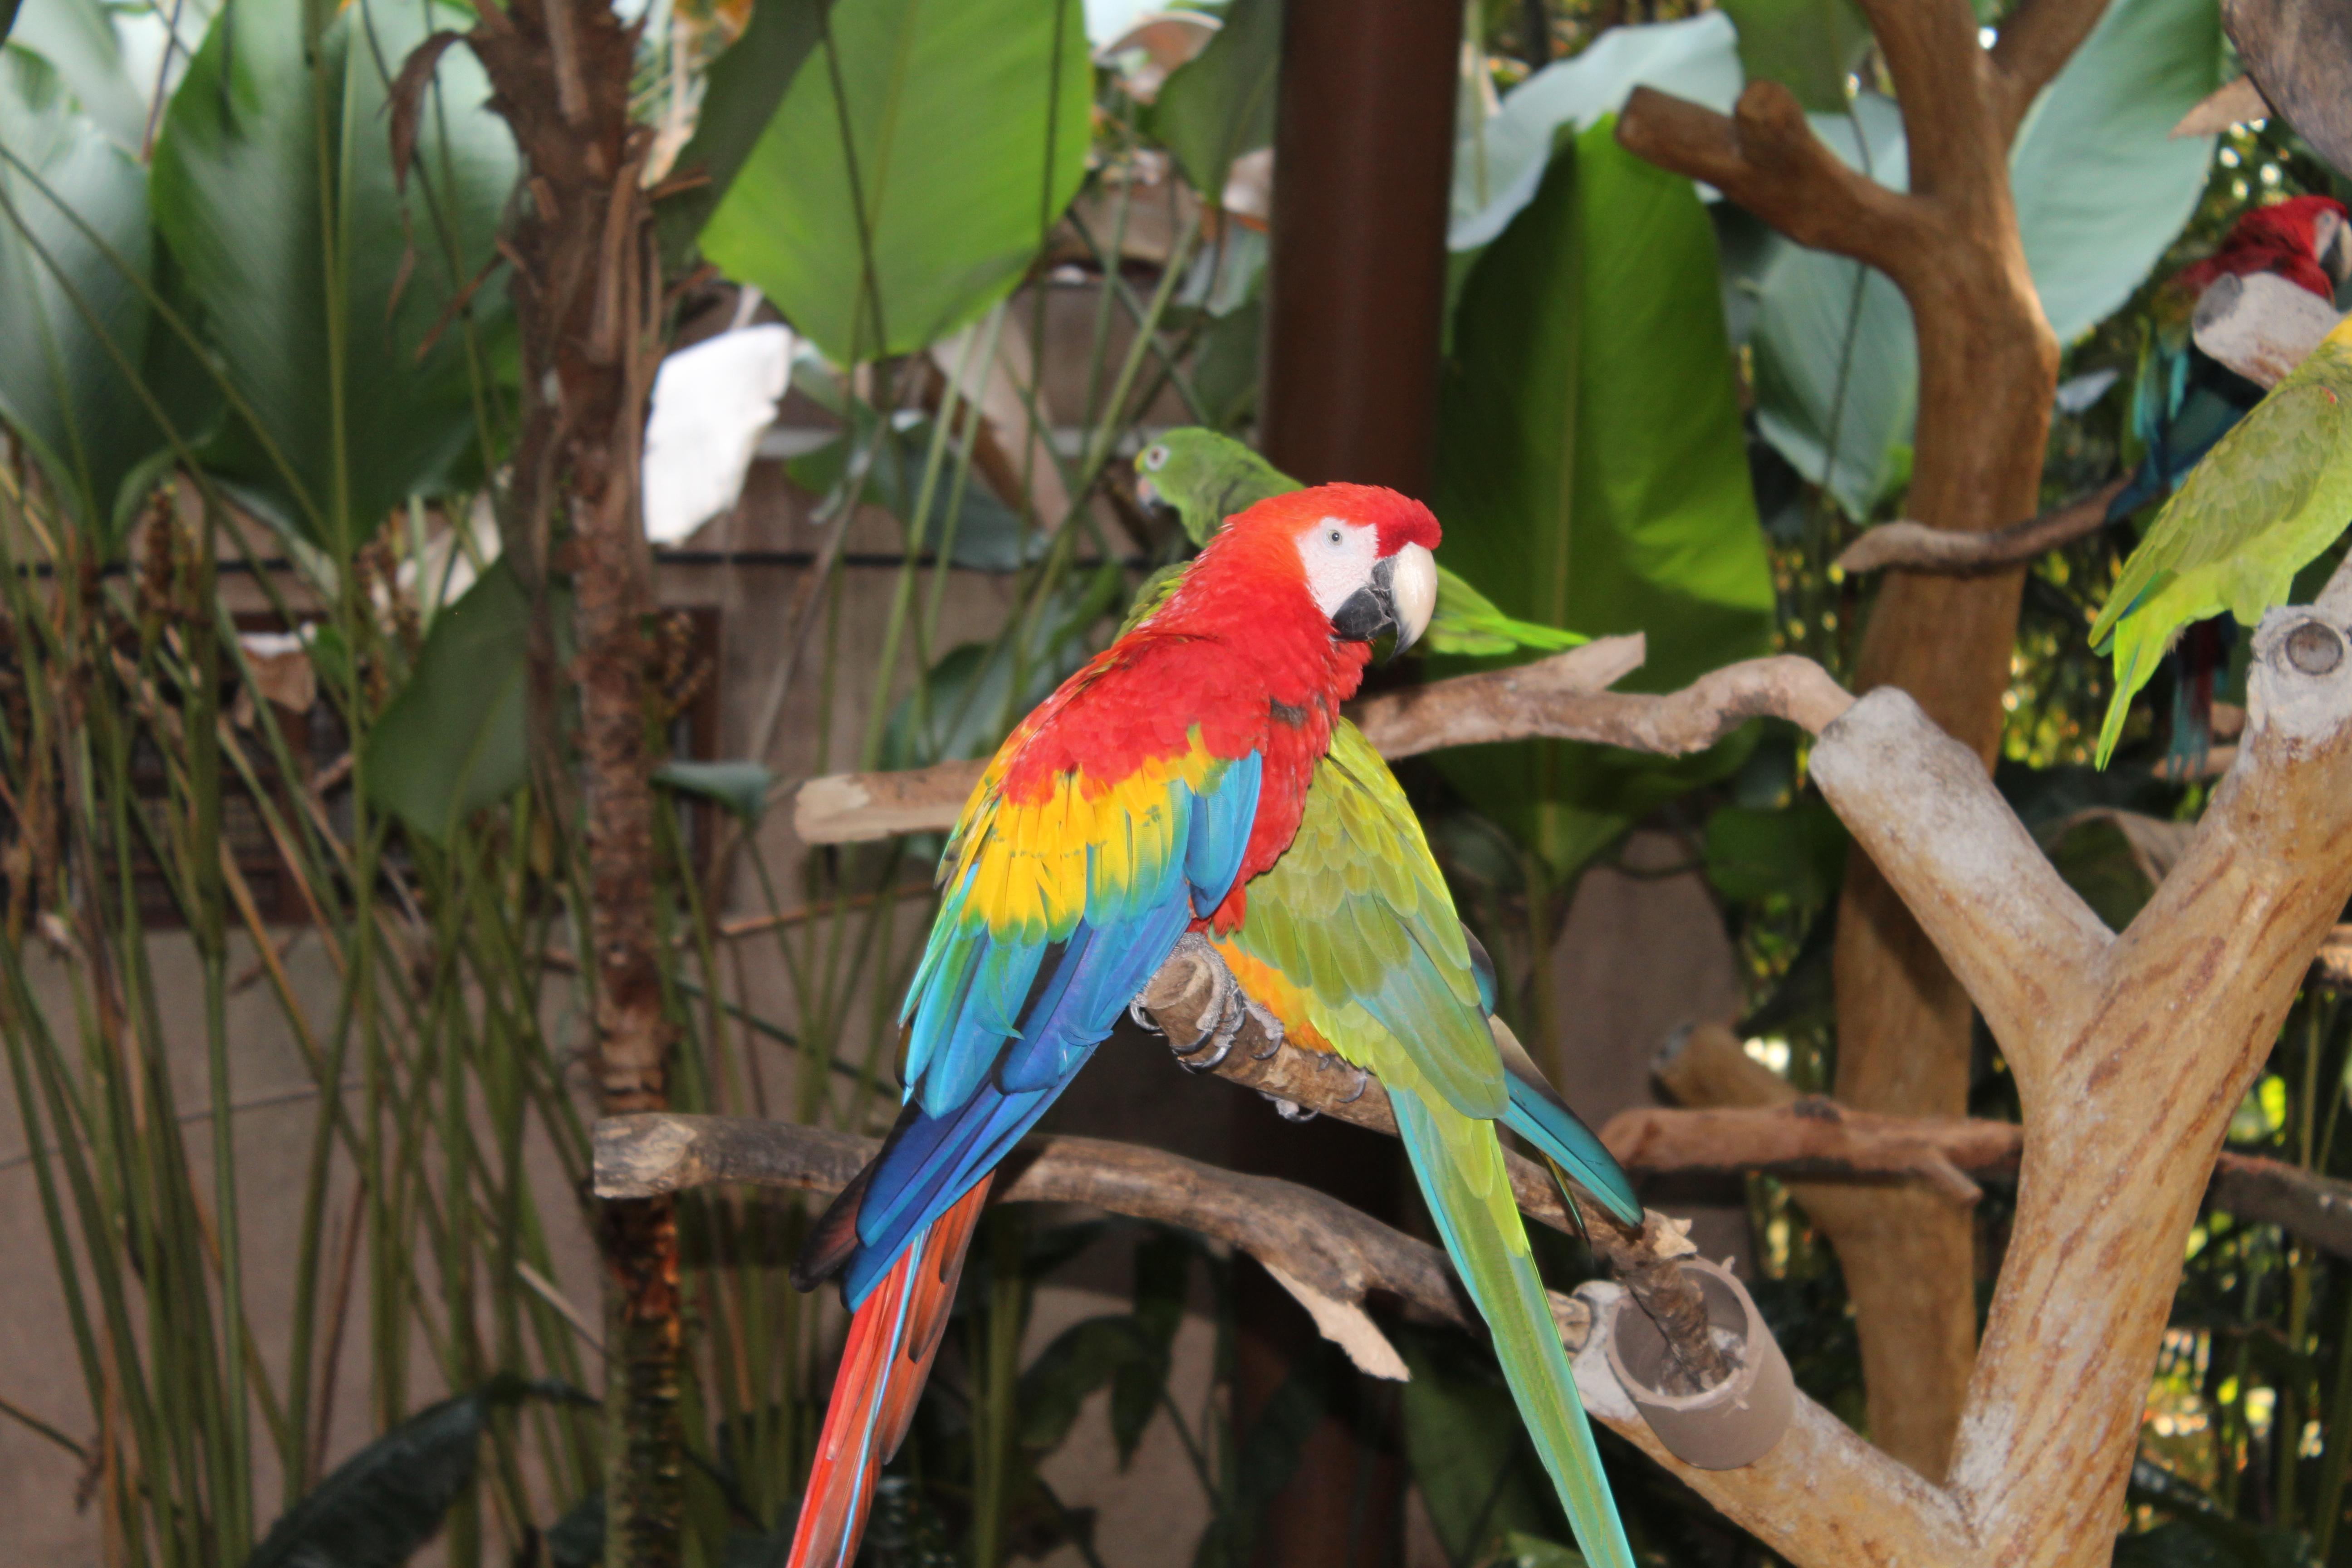 新加坡裕廊飞禽动物园